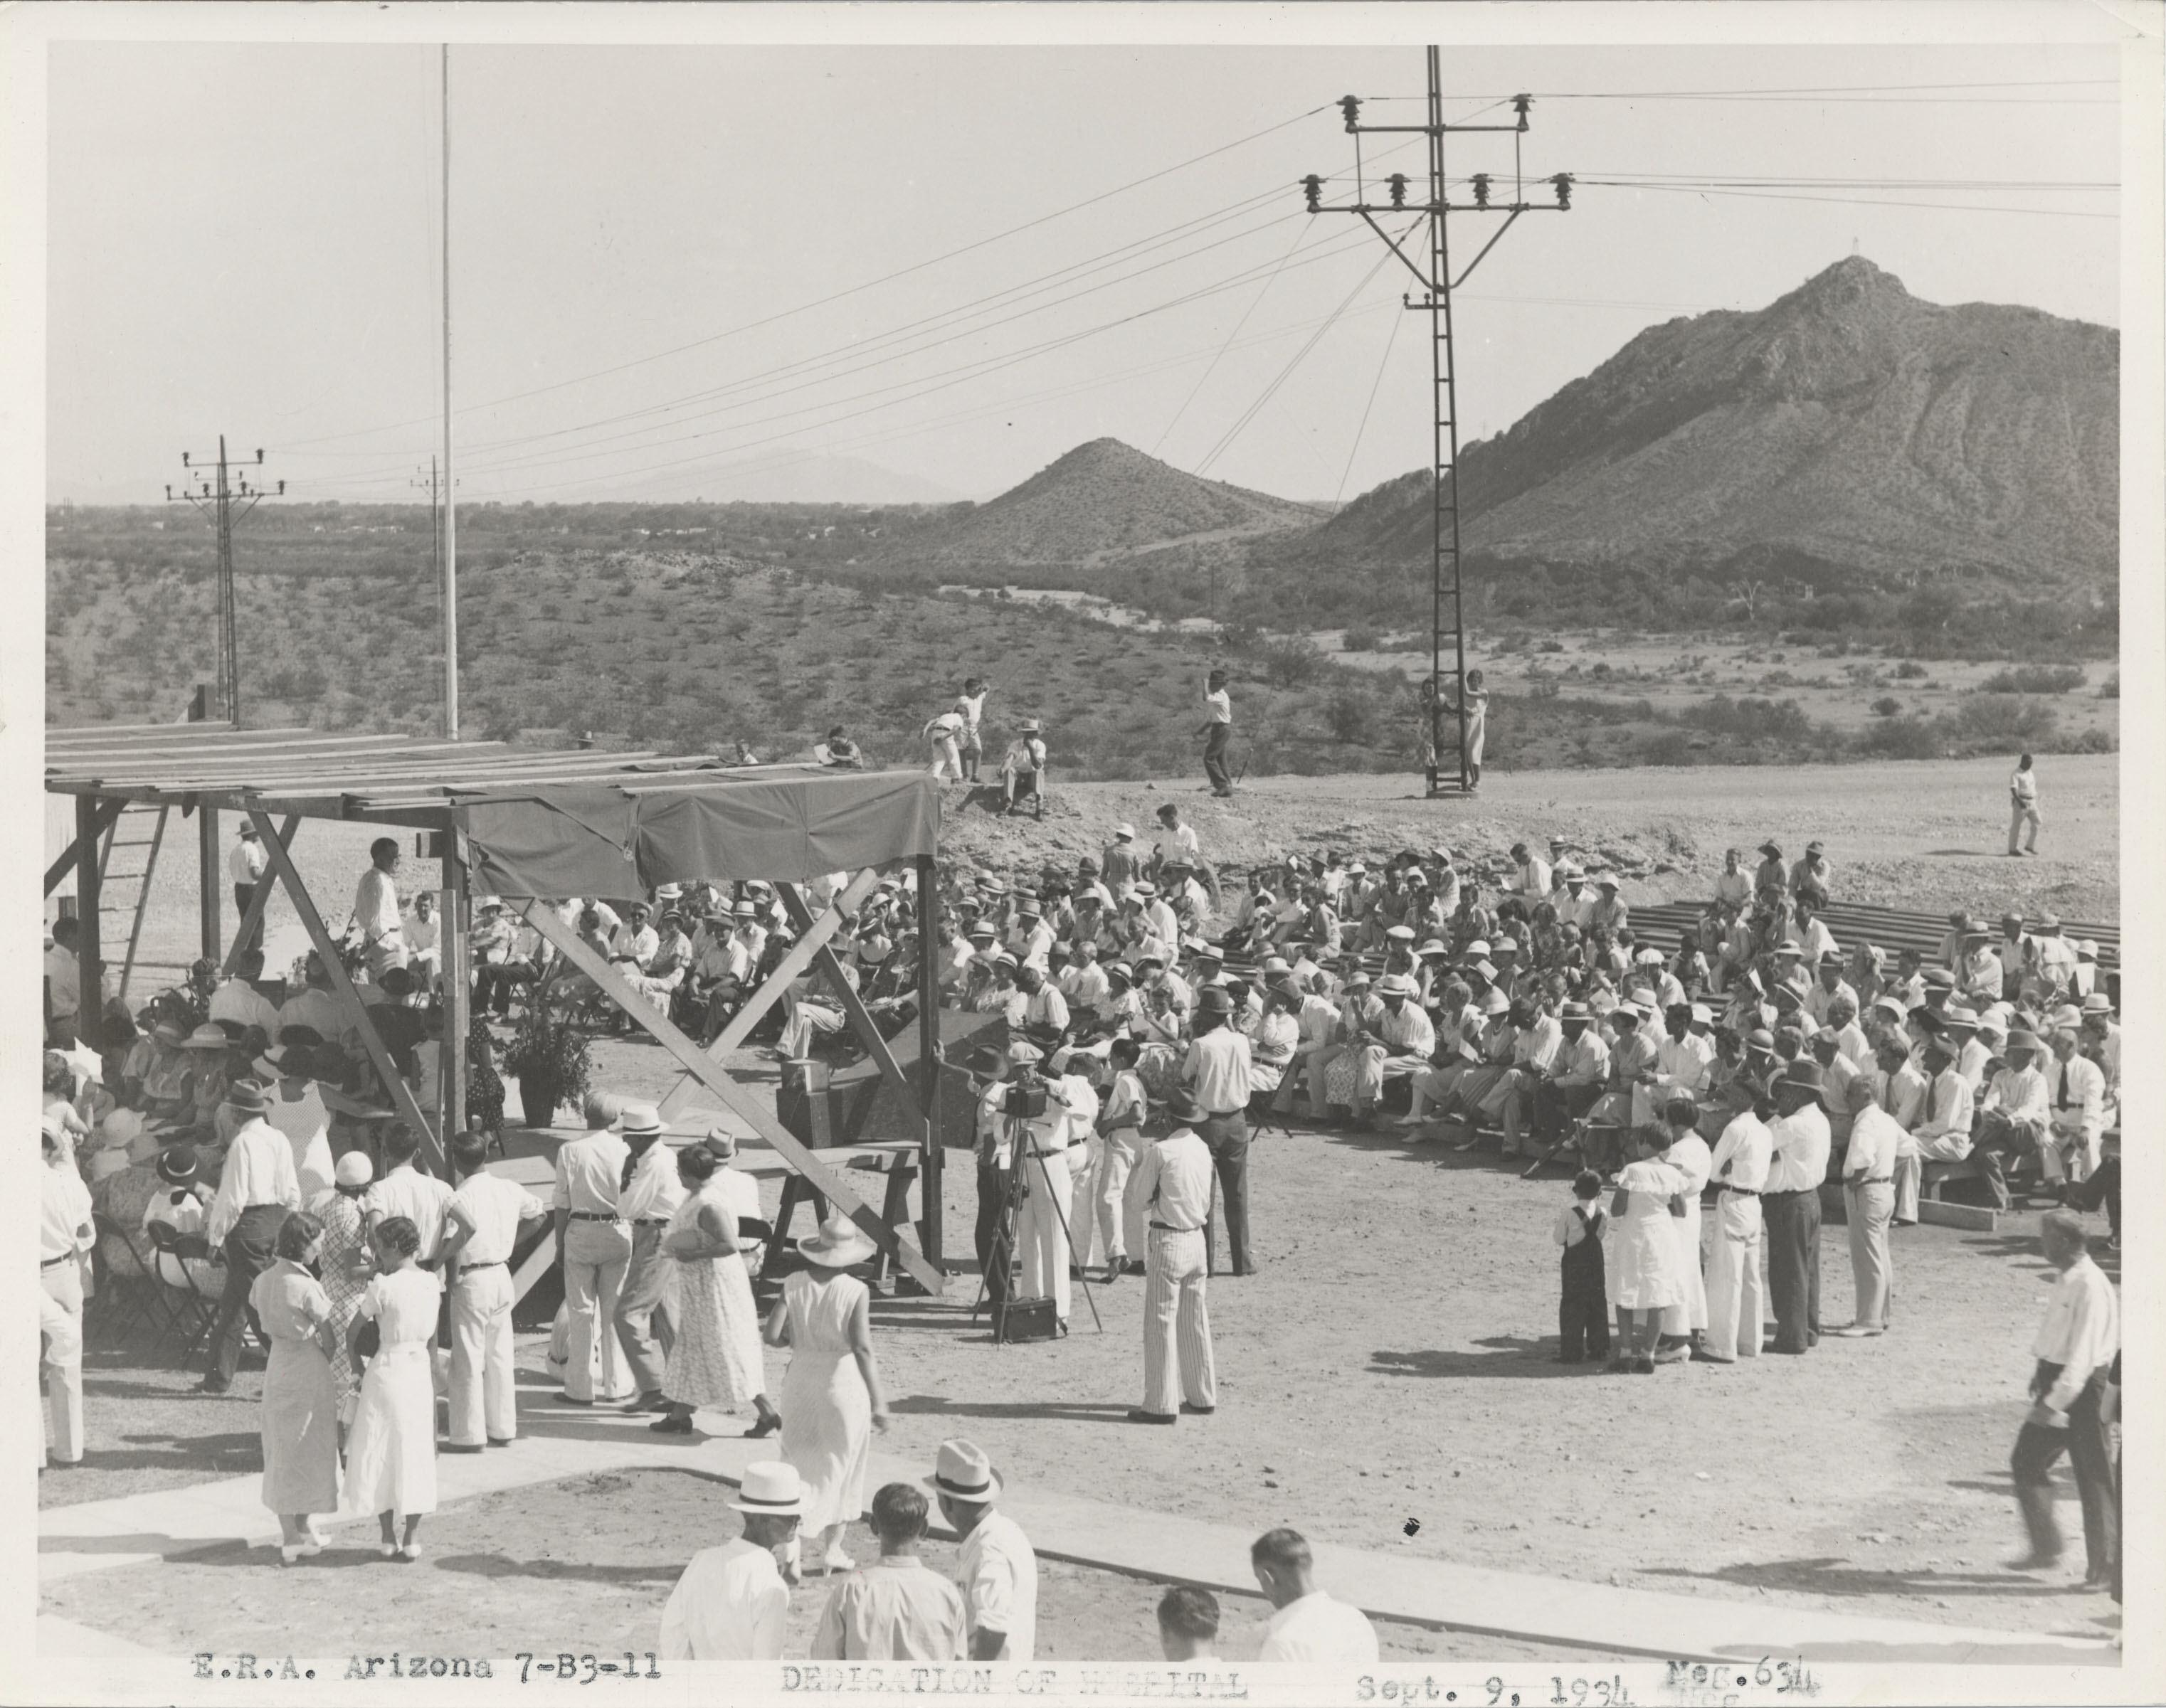 Arizona State Tuberculosis Sanitarium